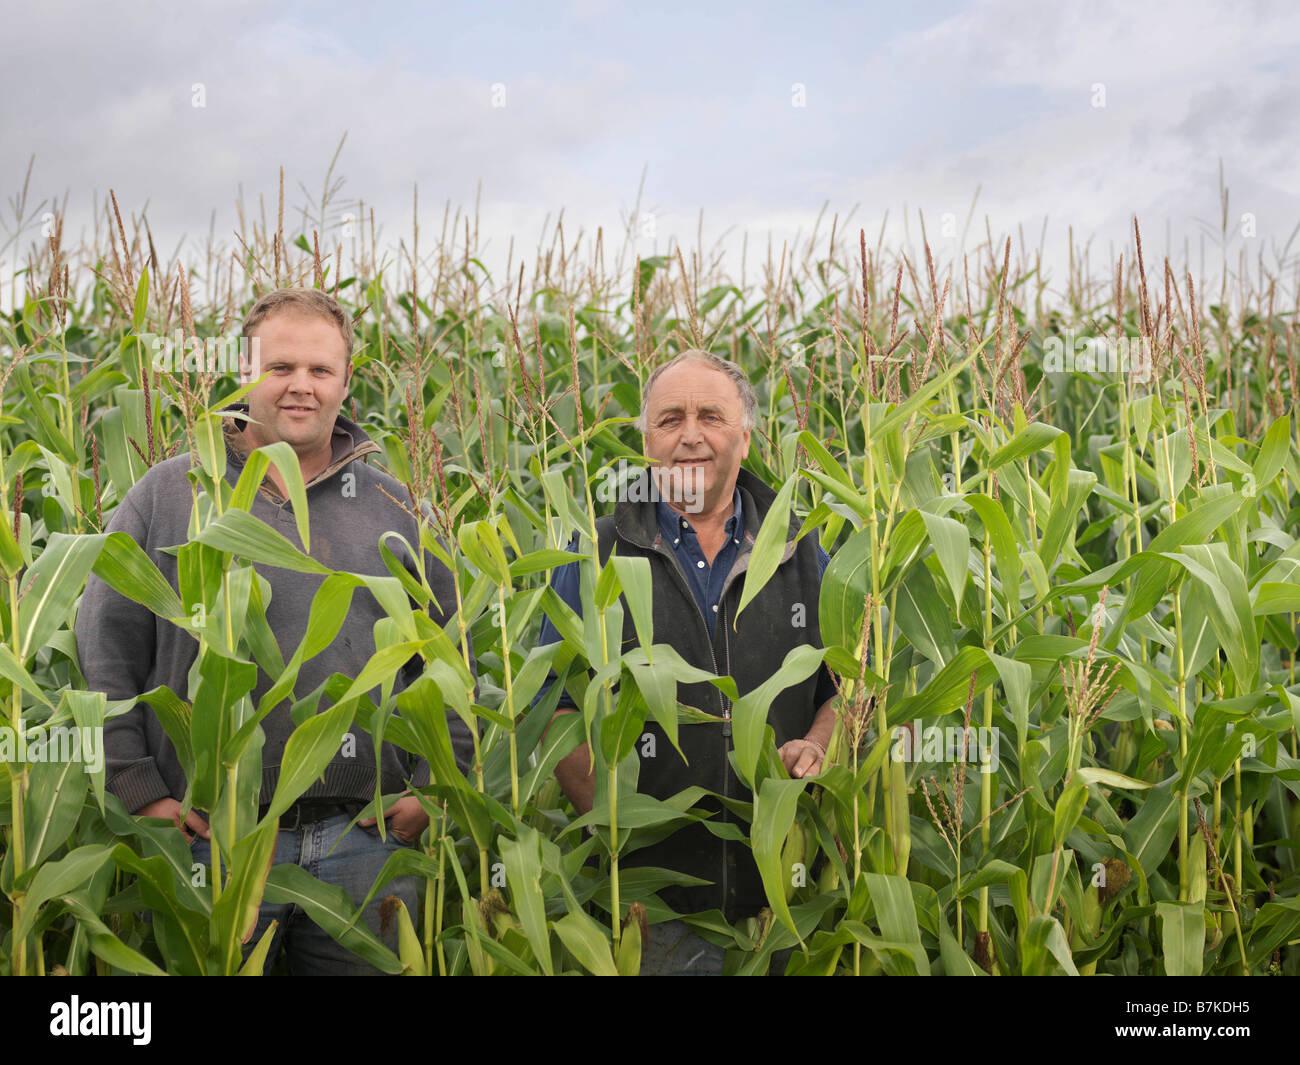 Farmers In Crop Field - Stock Image